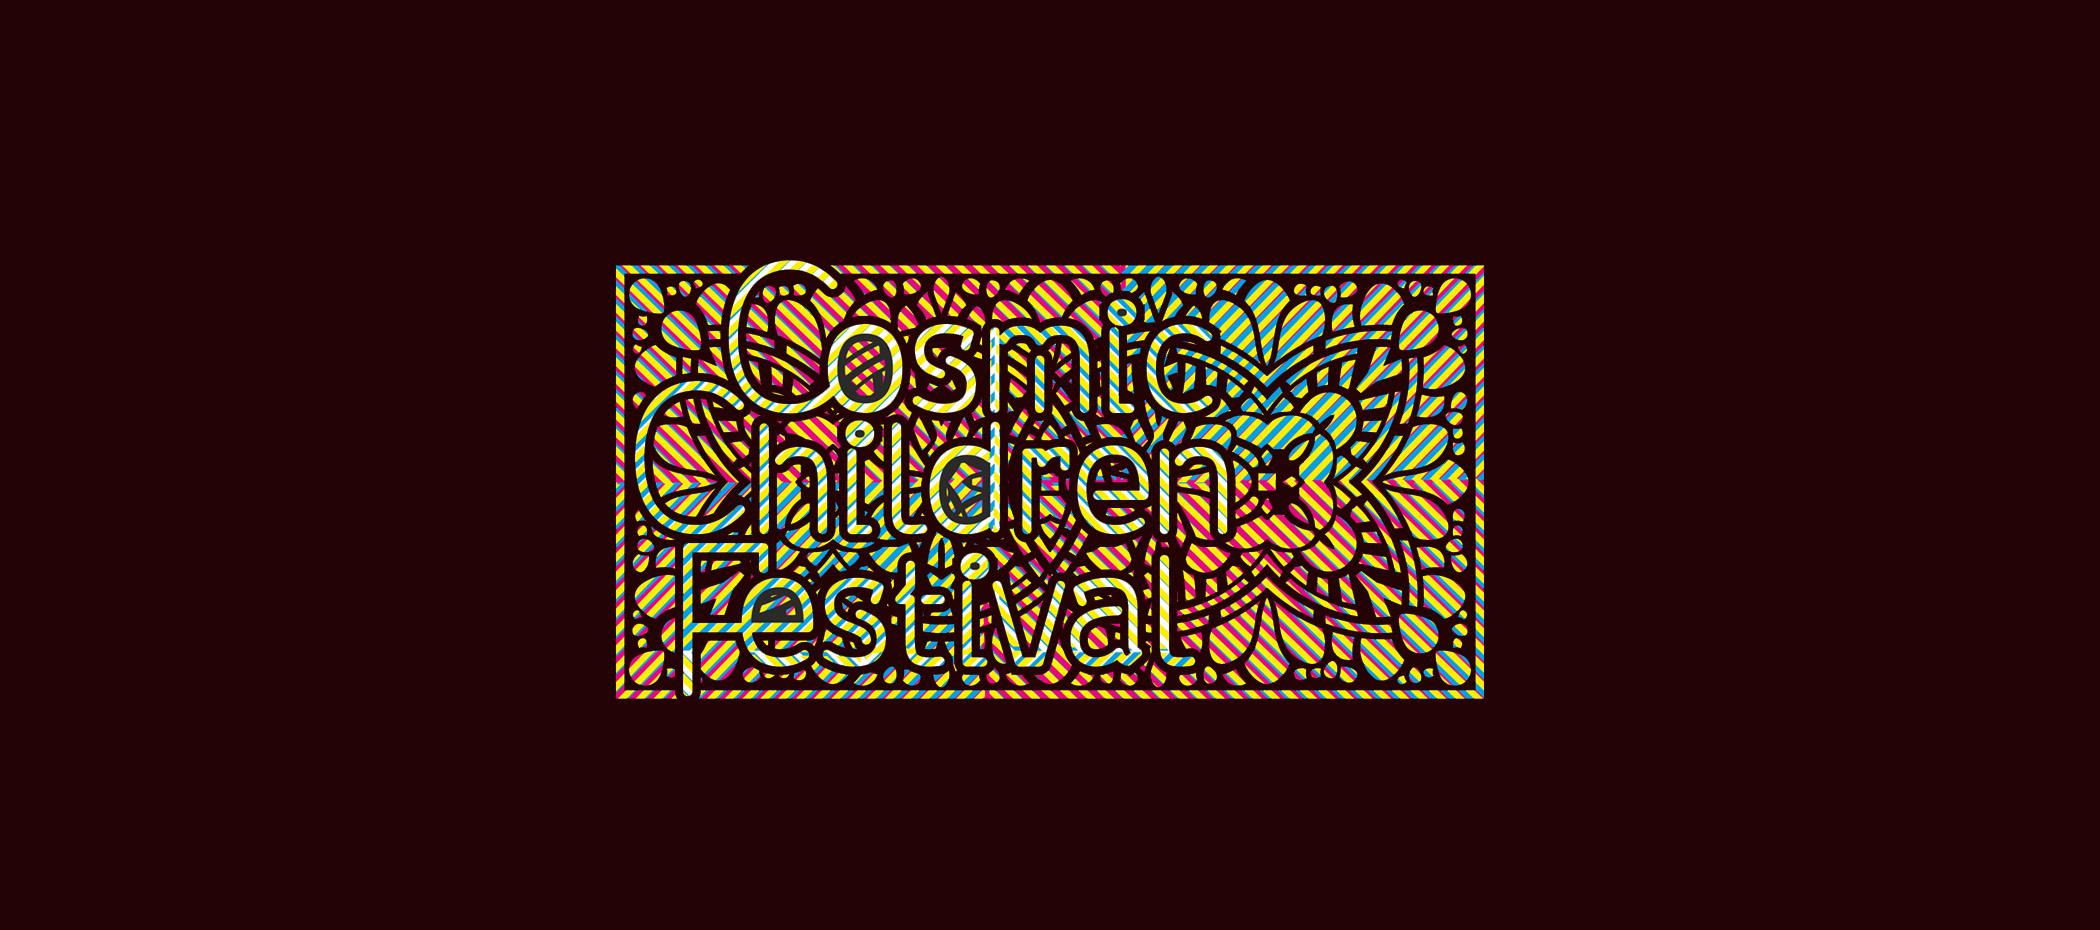 diseño logotipo - Beusual - diseño grafico santander - cosmic children festival